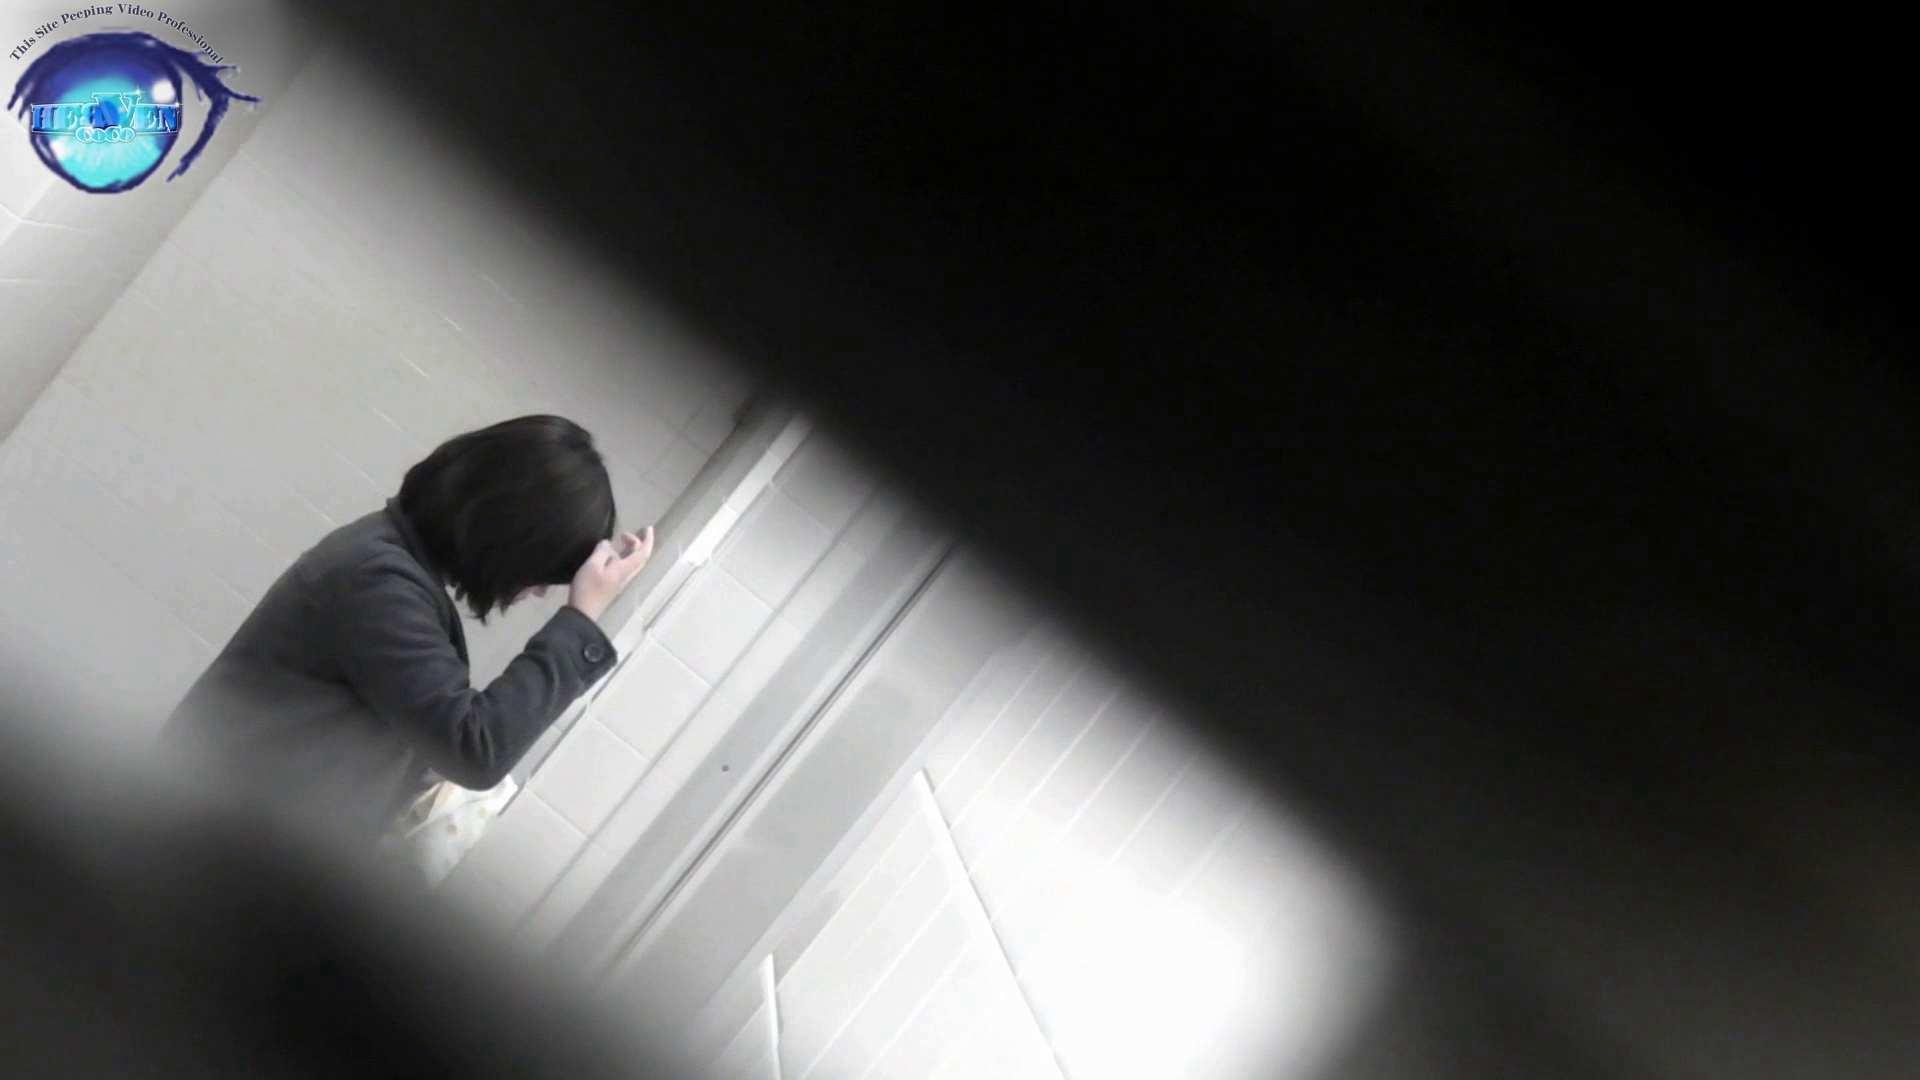 「洗面所突入レポート!!」vol.56まず並ぶ所から!決して真似しないでください前編 洗面所 女性器鑑賞 96pic 23